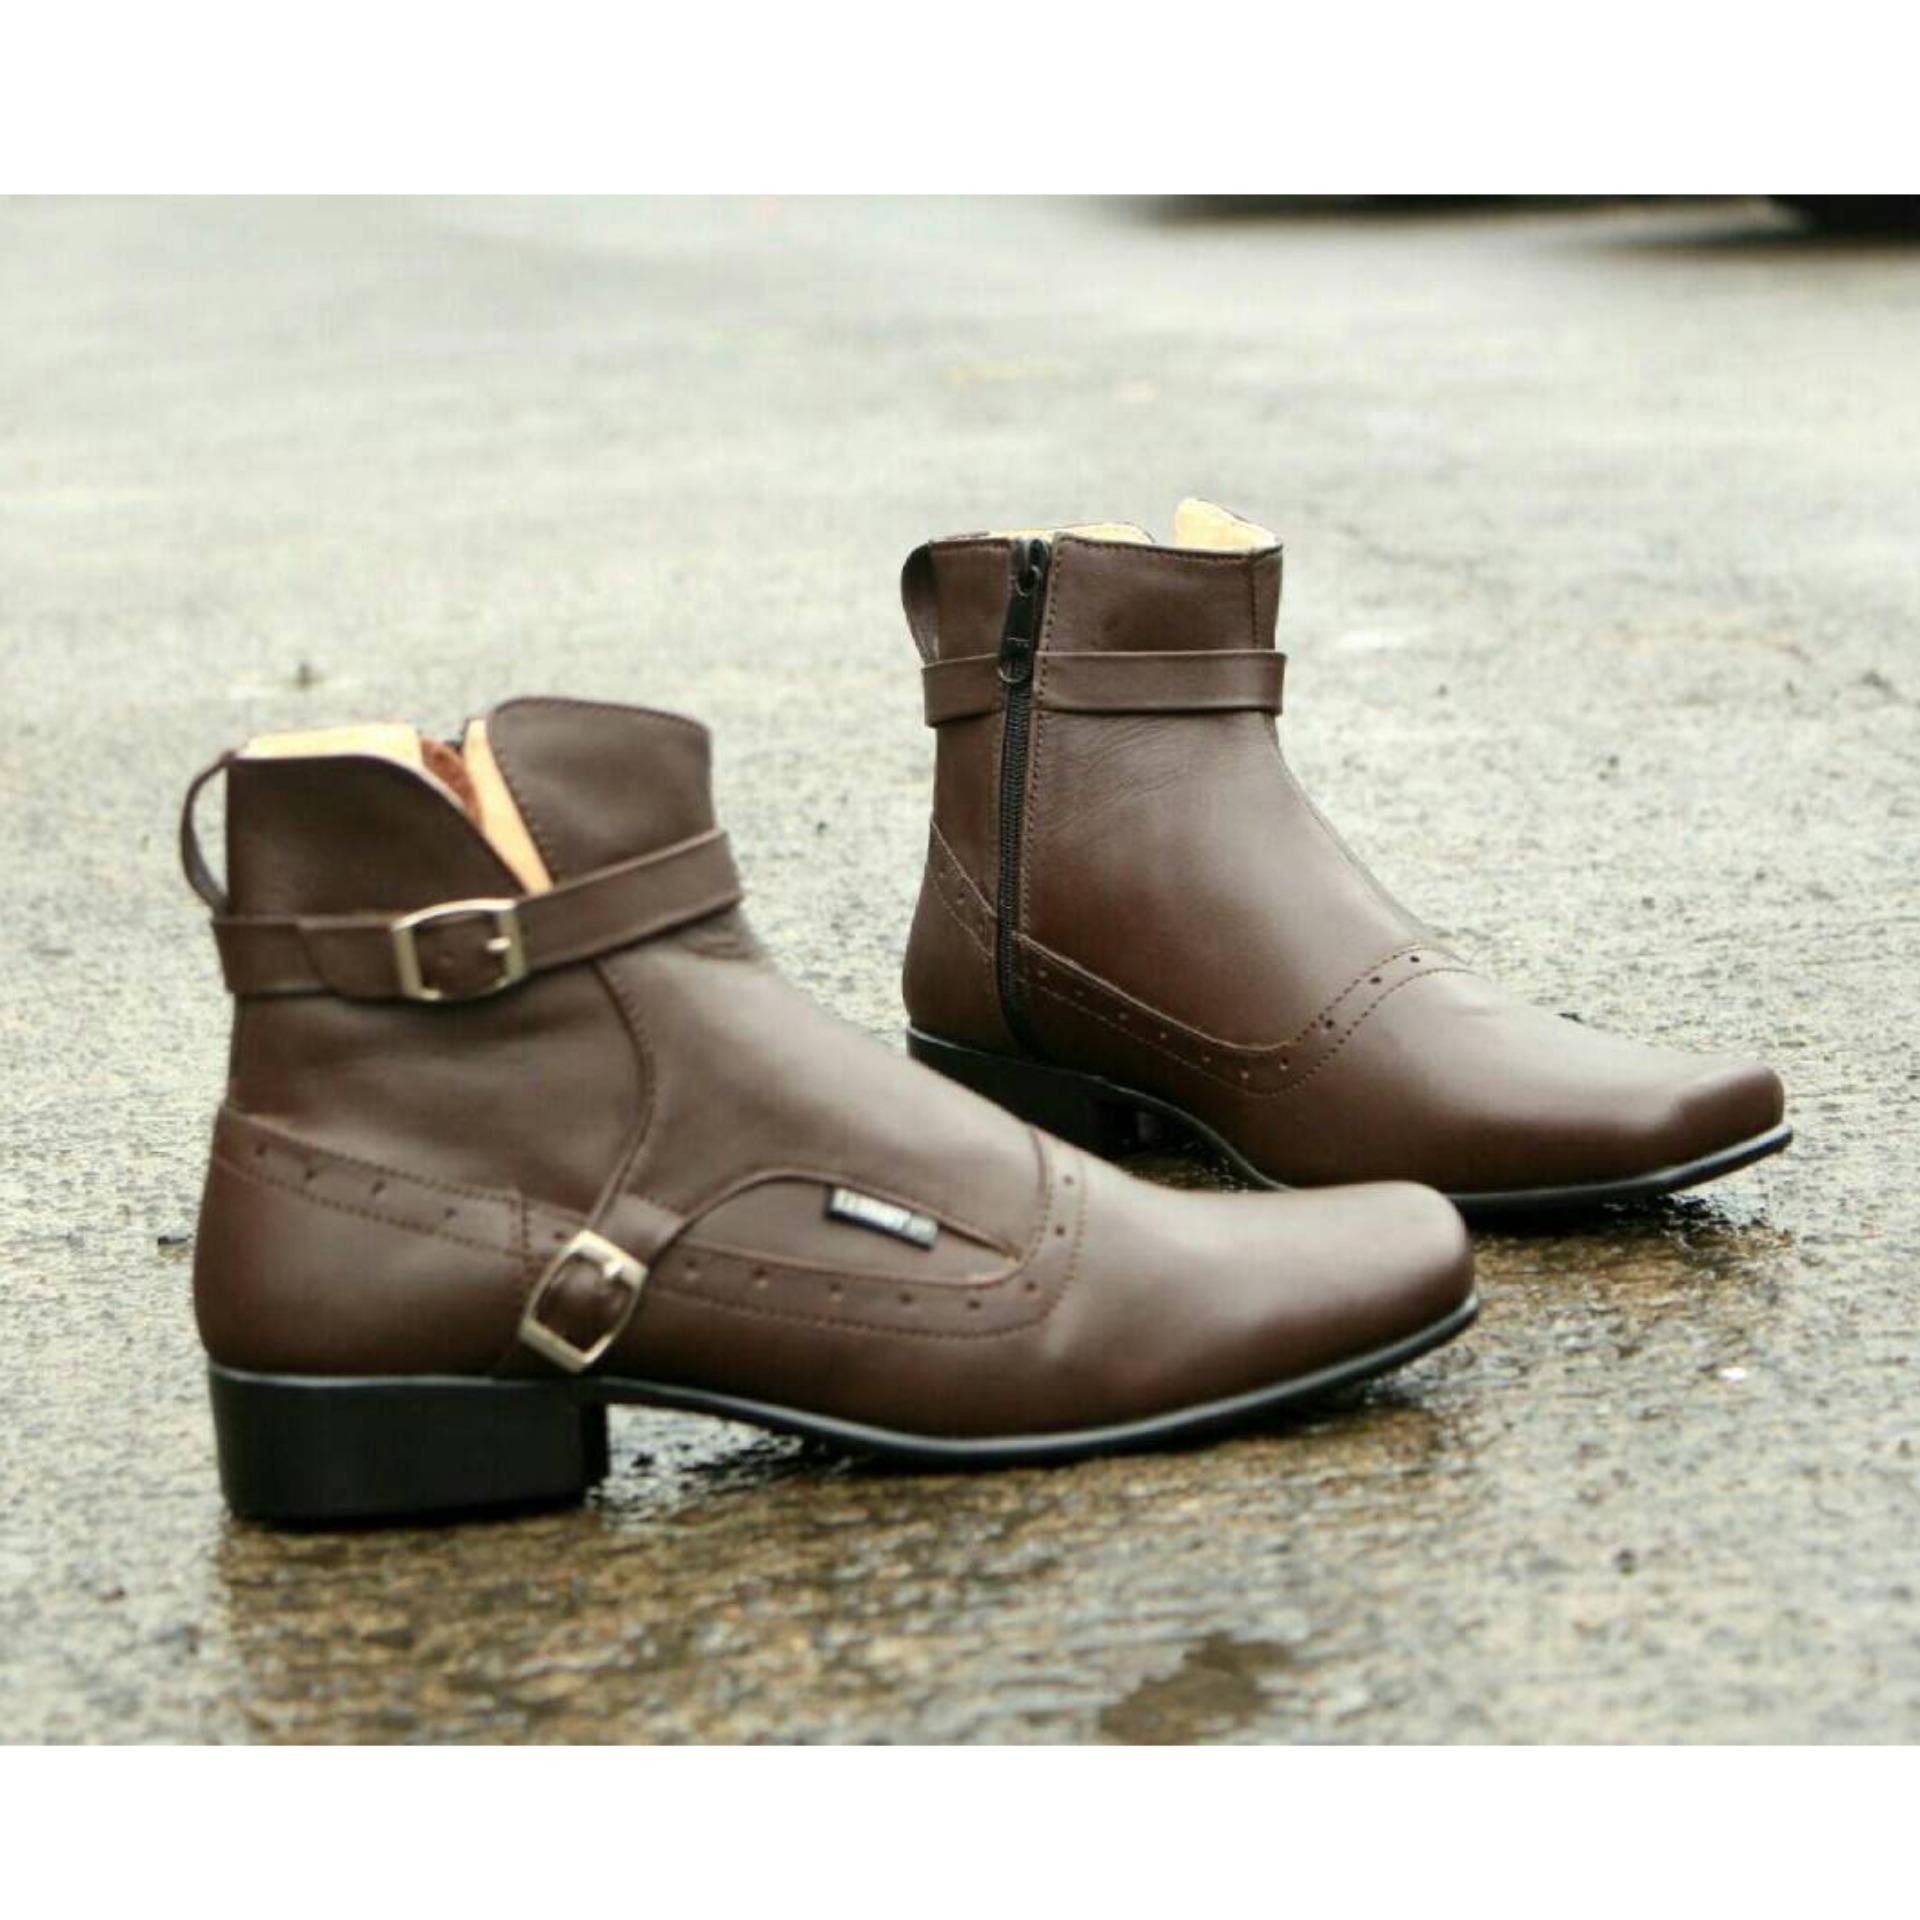 Sepatu Boots Kulit Asli Terkini Pria Keren - CEVANY PACUAN - Brown - 029cb1f327